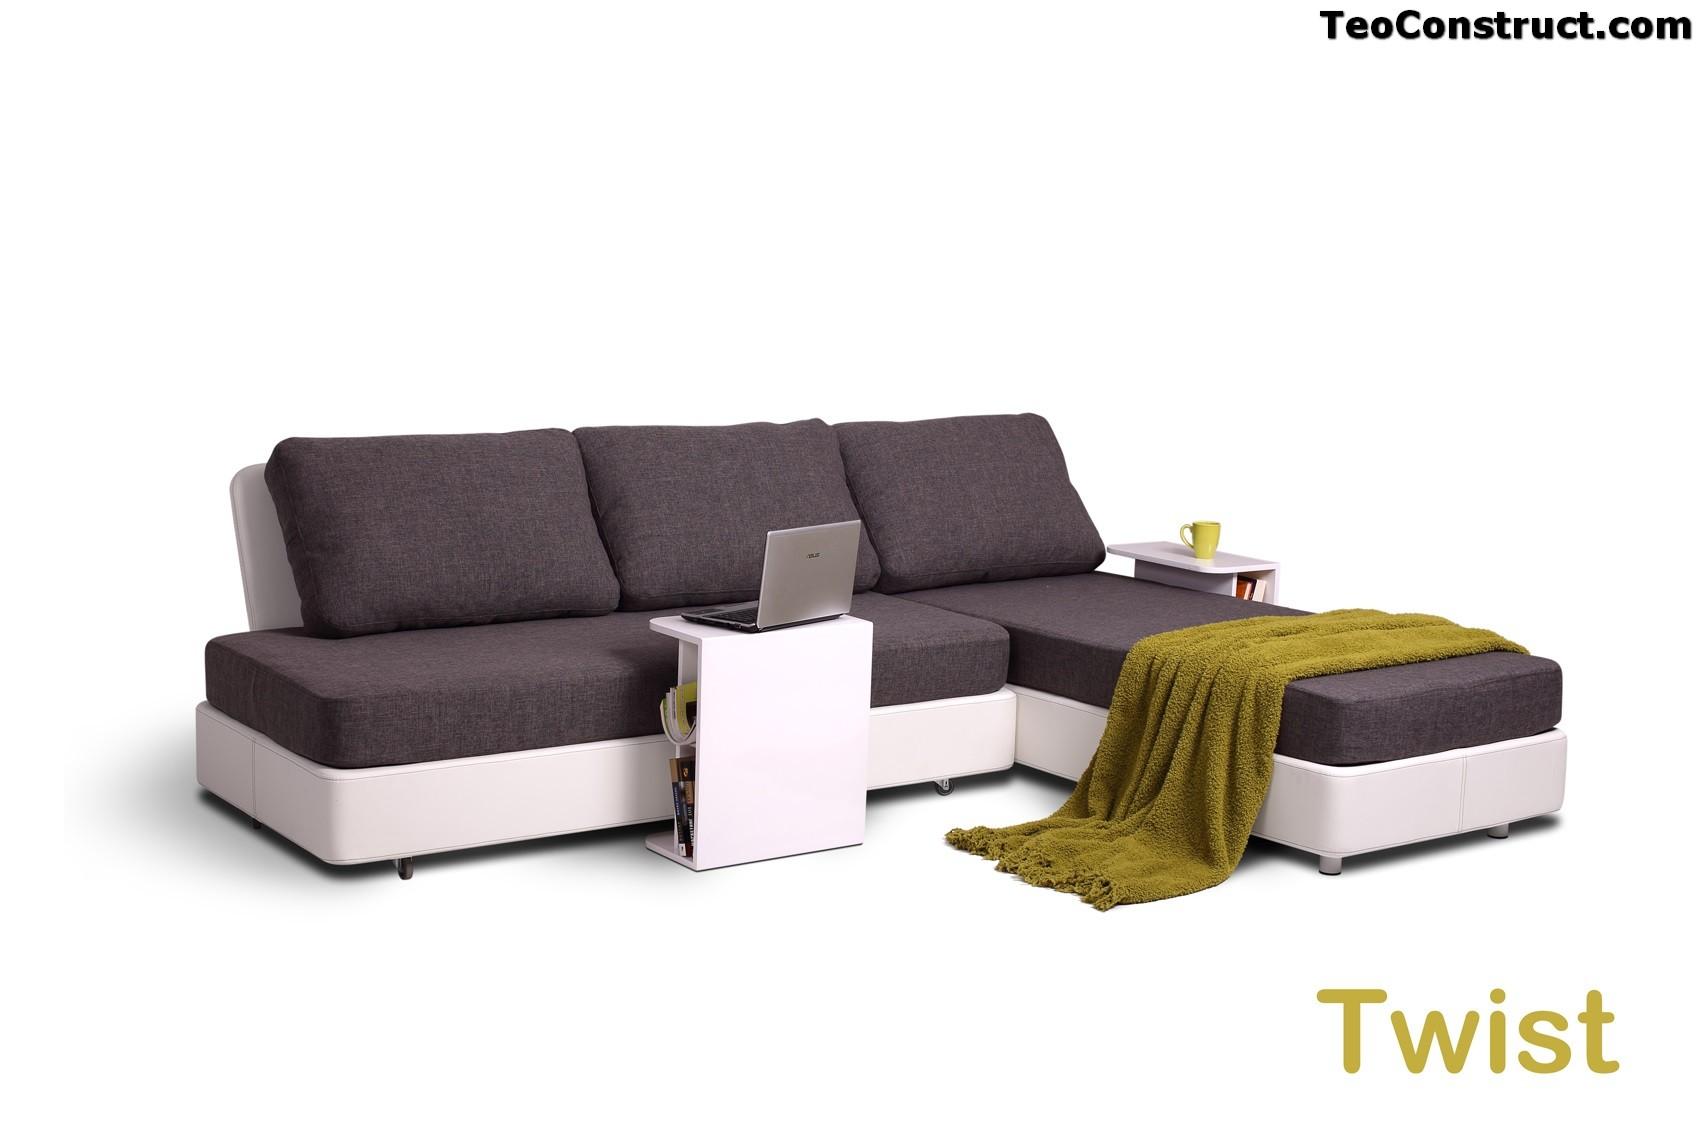 Canapea Twist pentru apartament03